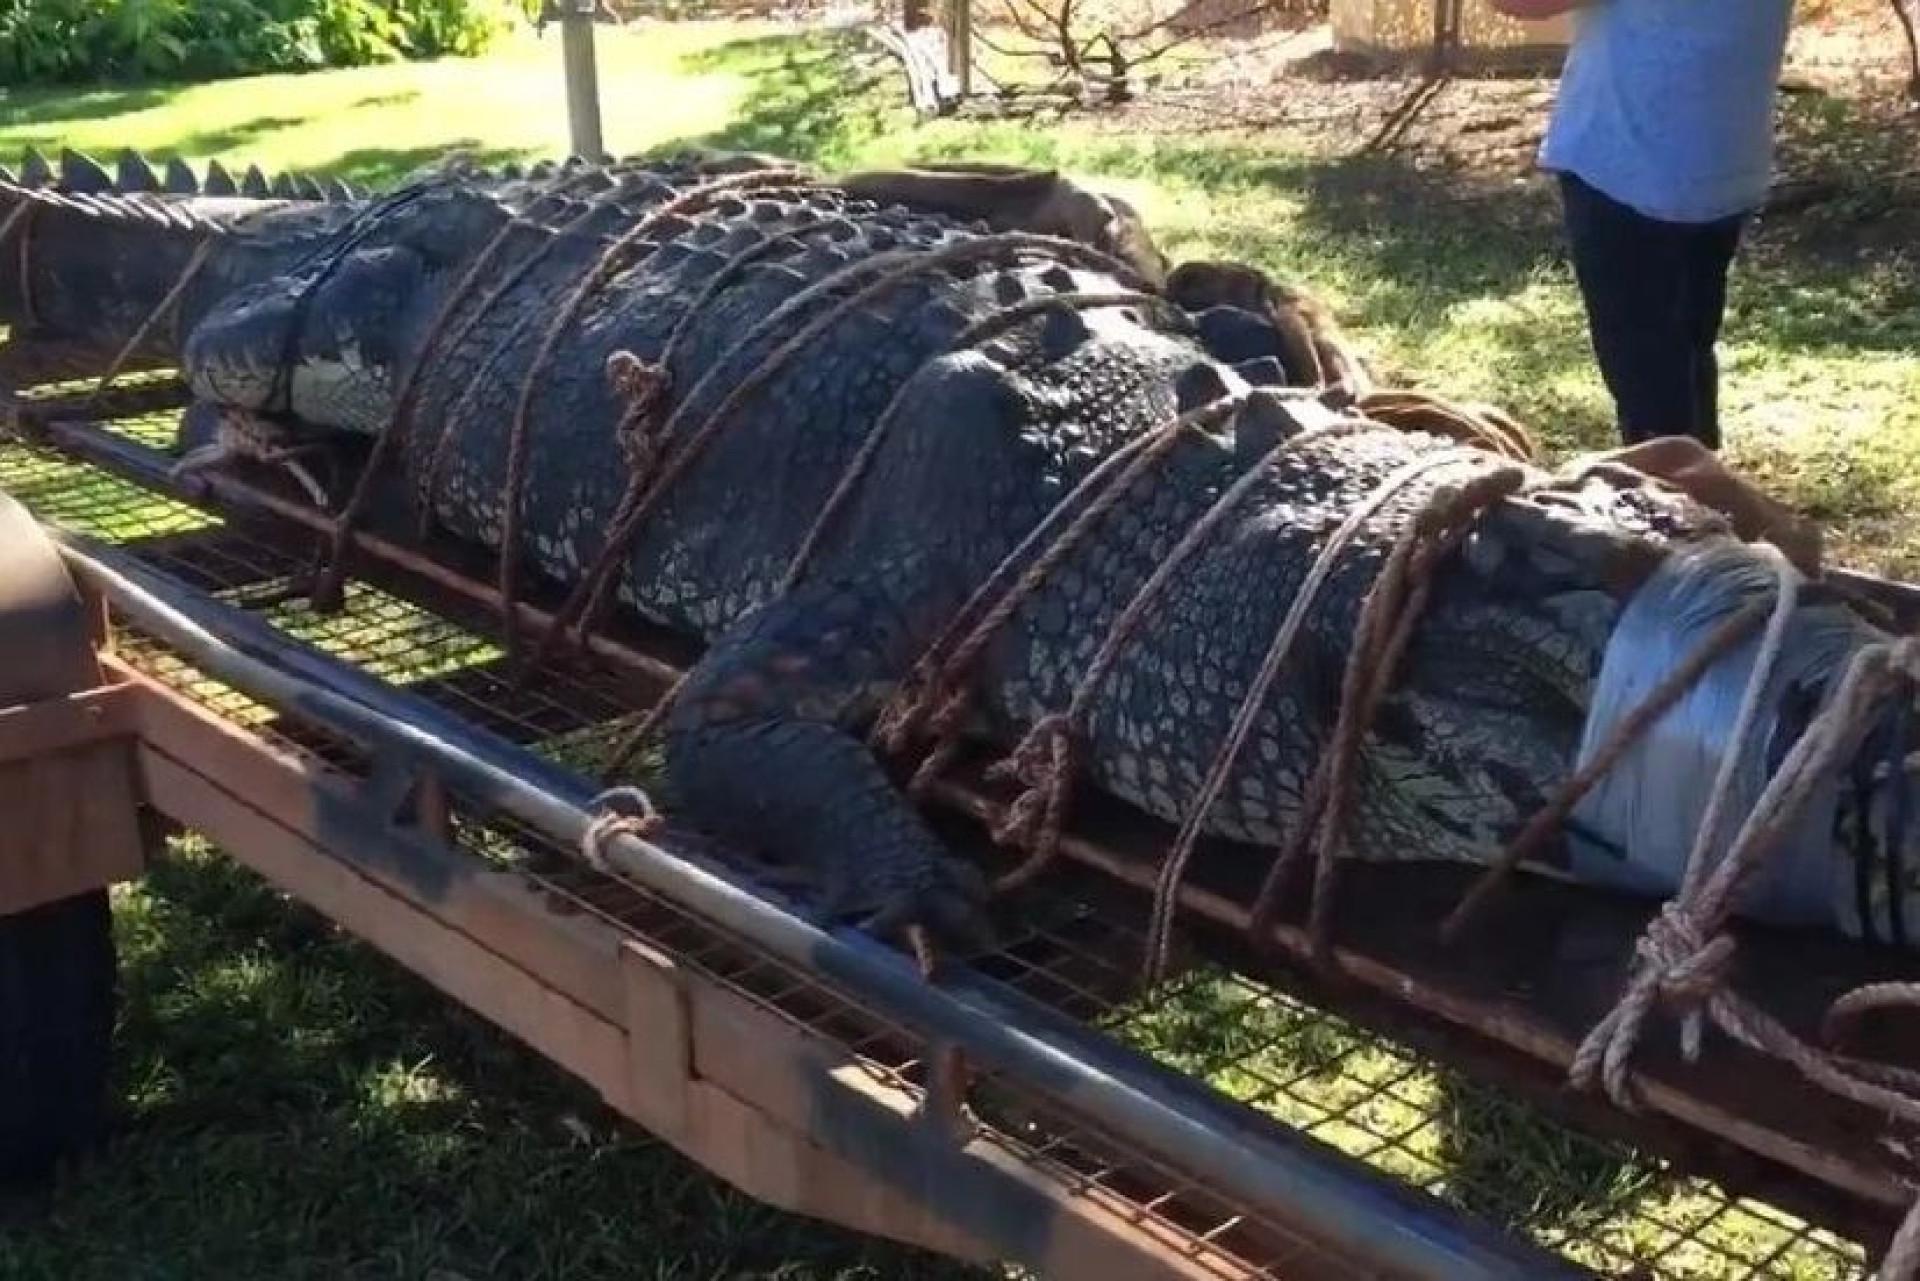 Capturam crocodilo 'gigante' com mais de meia tonelada na Austrália